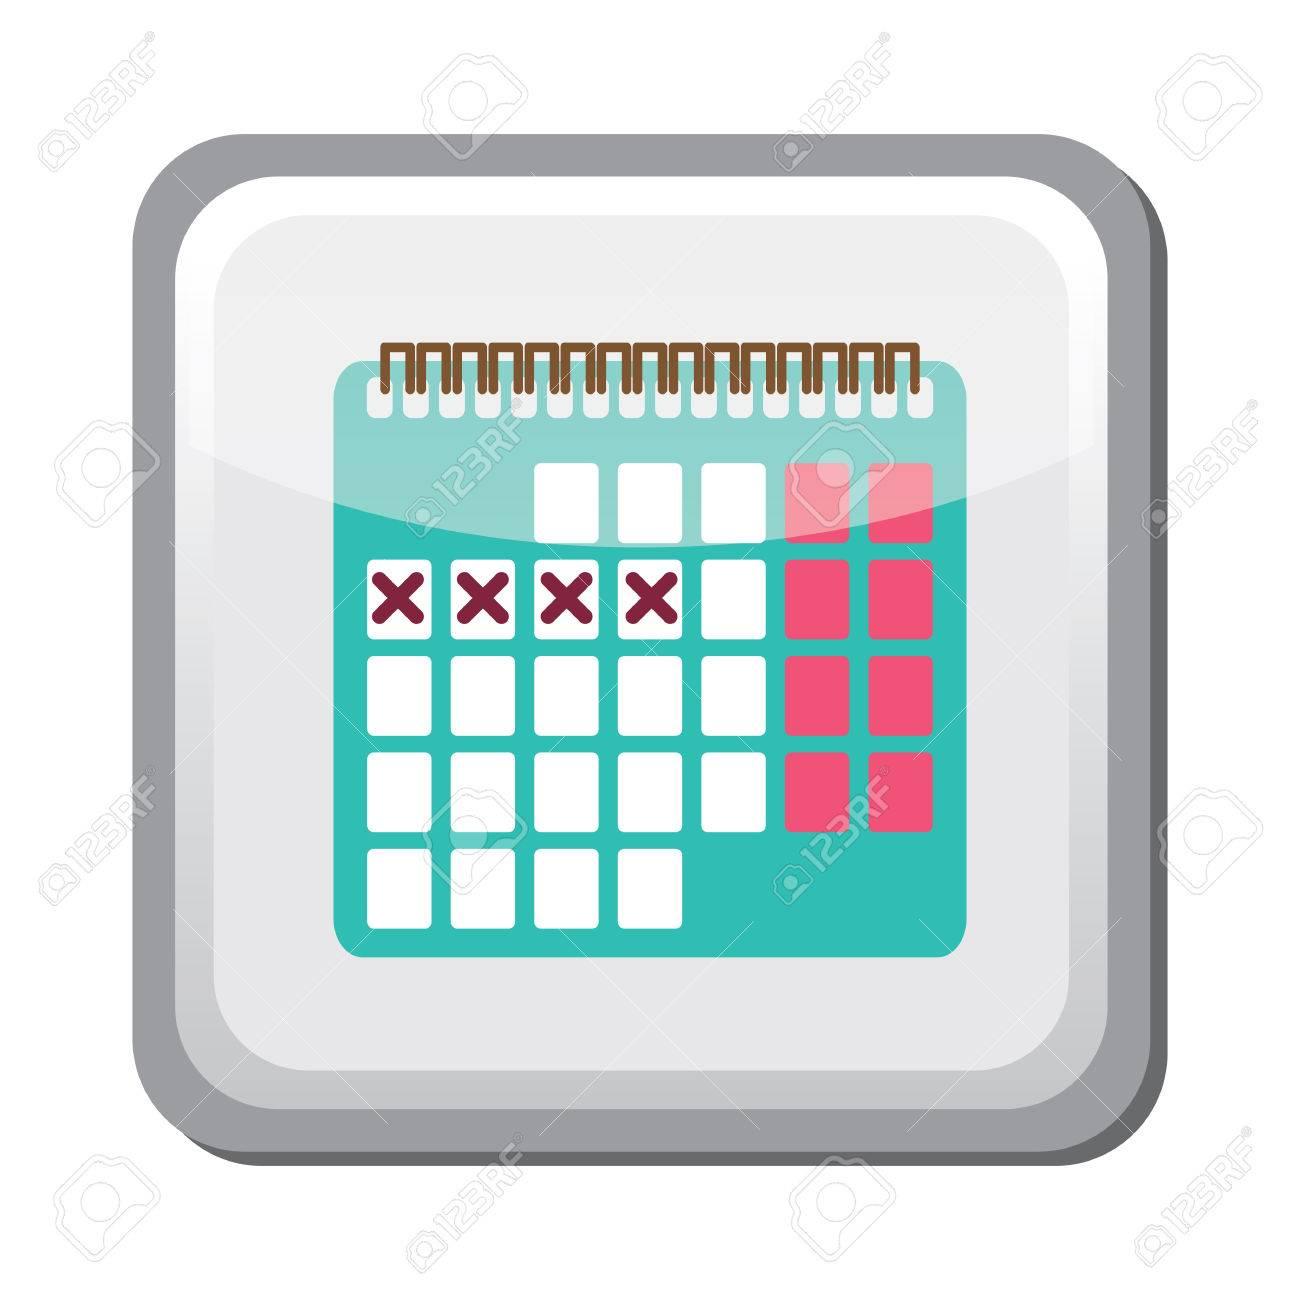 e09c29b5a Foto de archivo - Icono del calendario método anticoncepción